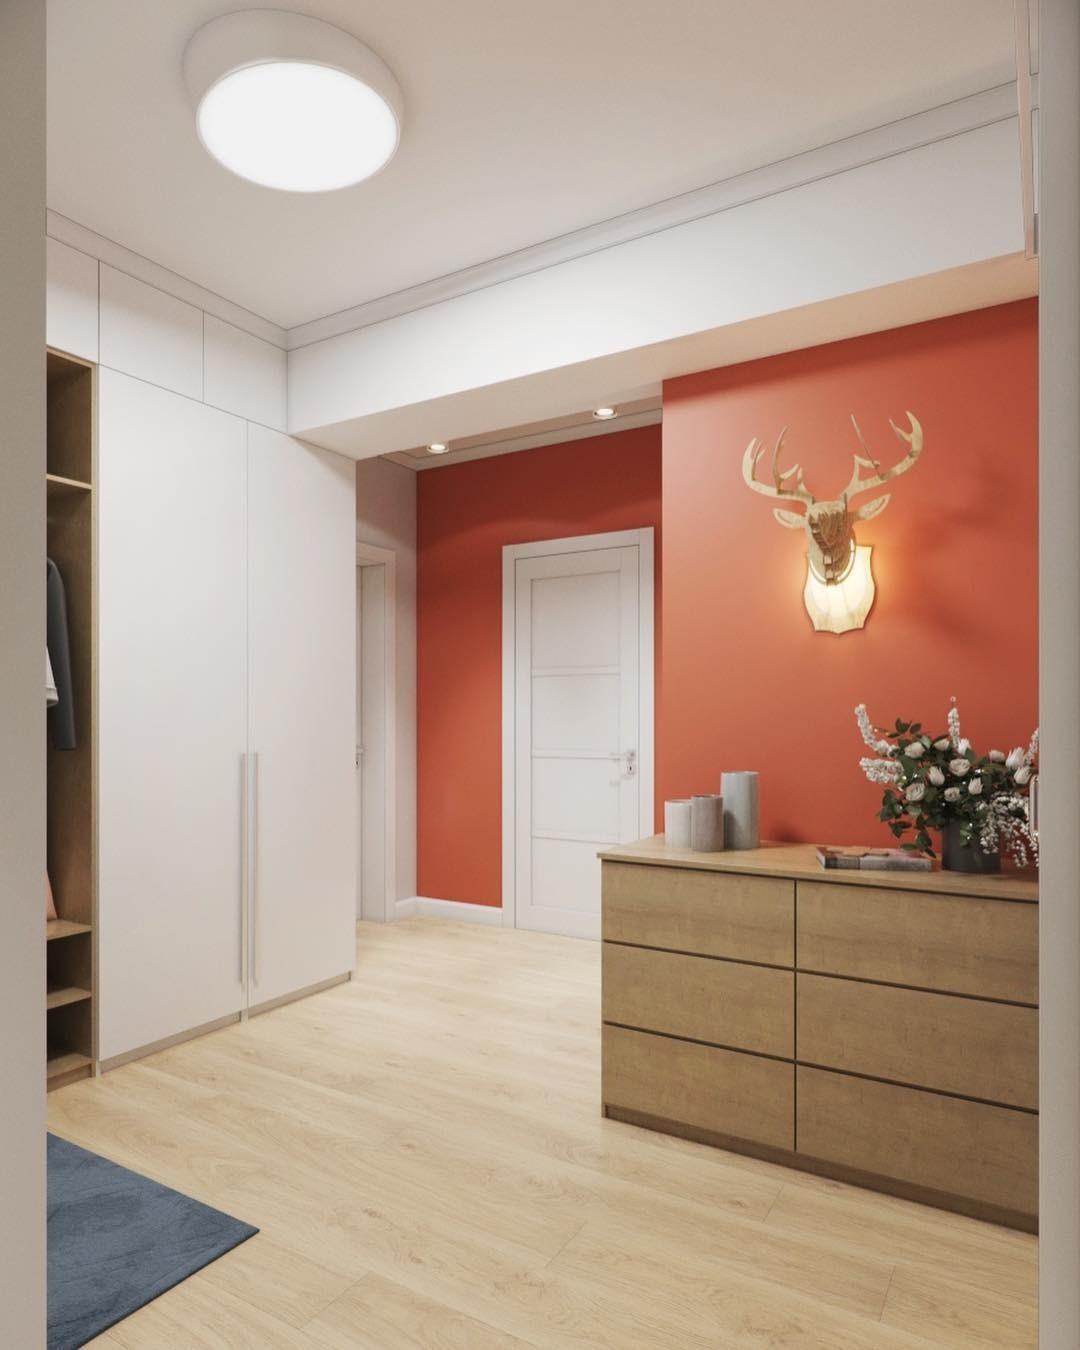 В этом проекте в качестве необычного варианта декора выбран светильник в виде головы оленя